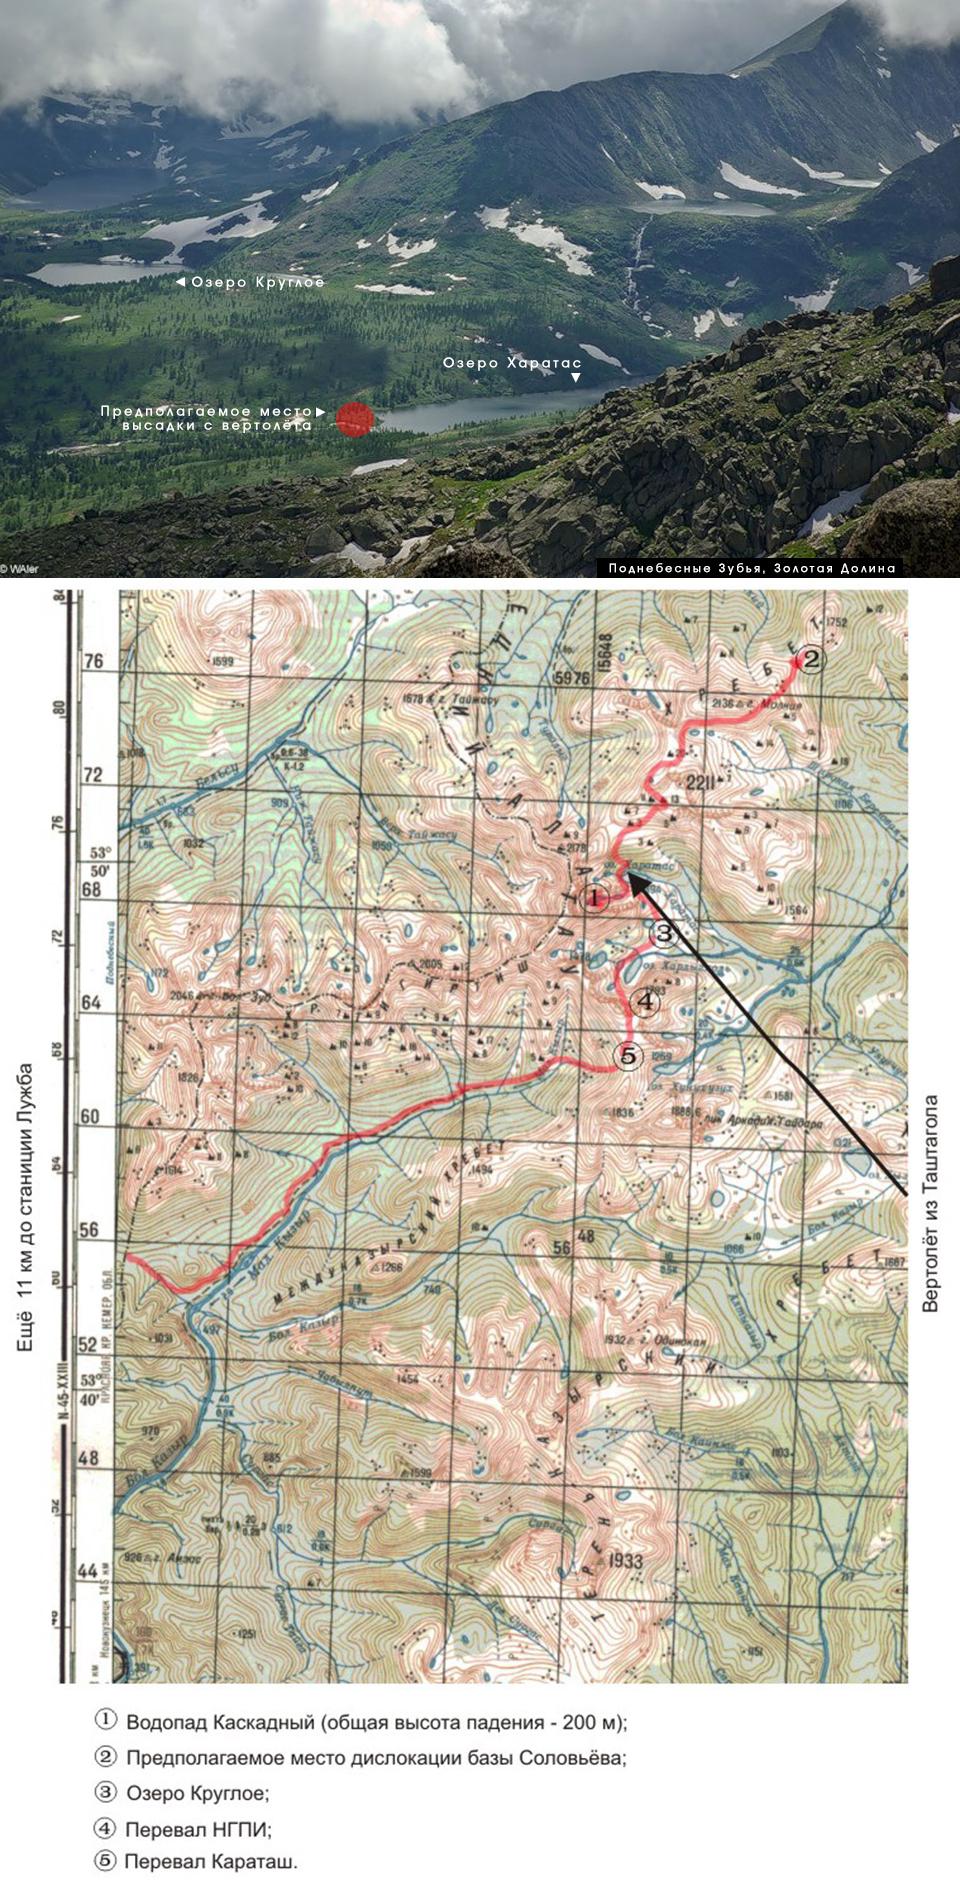 Атаман Соловье, карта поиска, клад атамана Соловьева